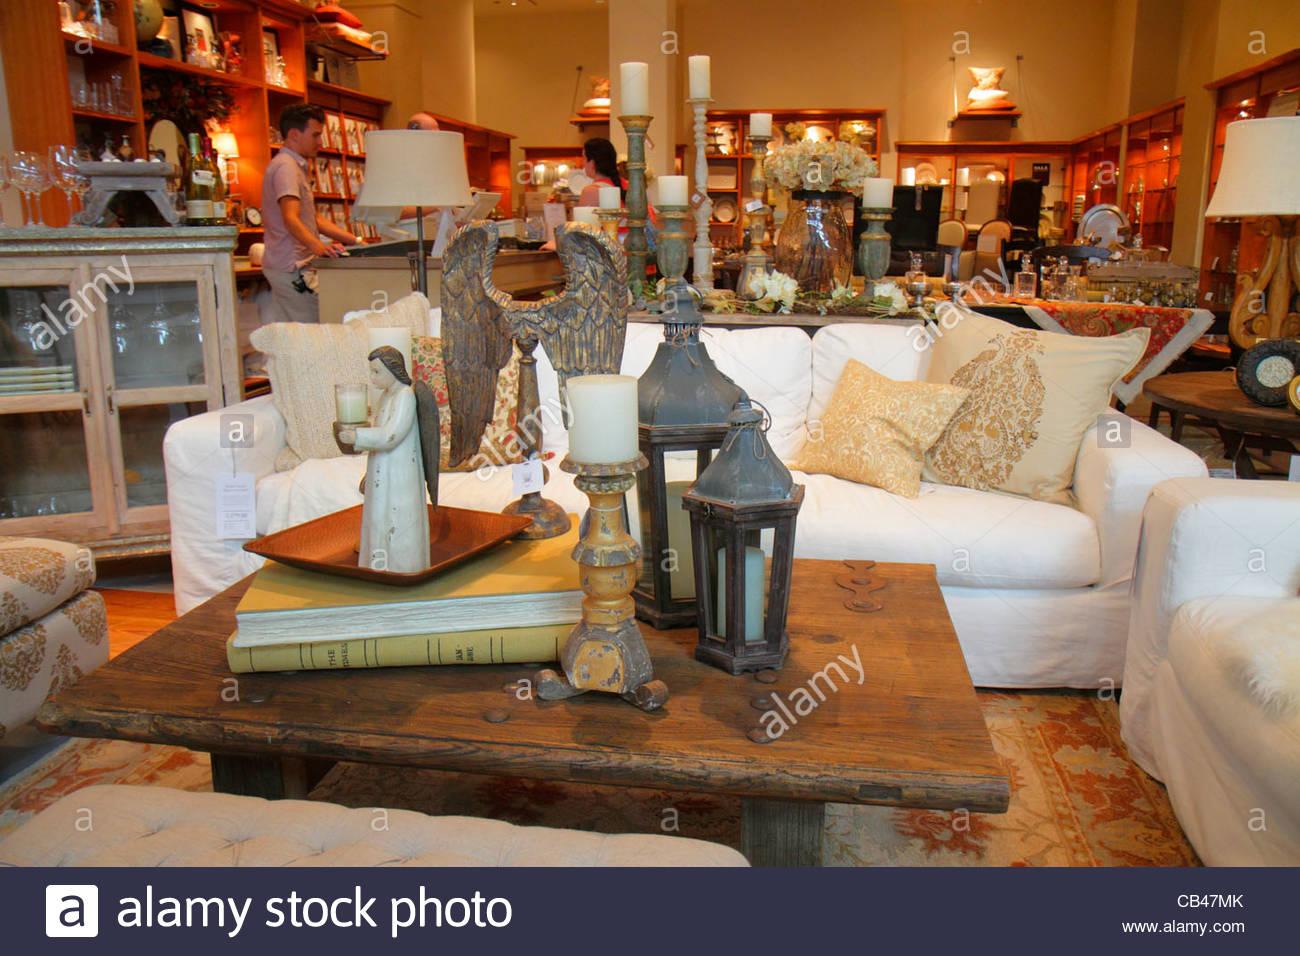 Boca Raton Florida Boca Center Centre Mall Shopping Pottery Barn Home Stock Photo Royalty Free